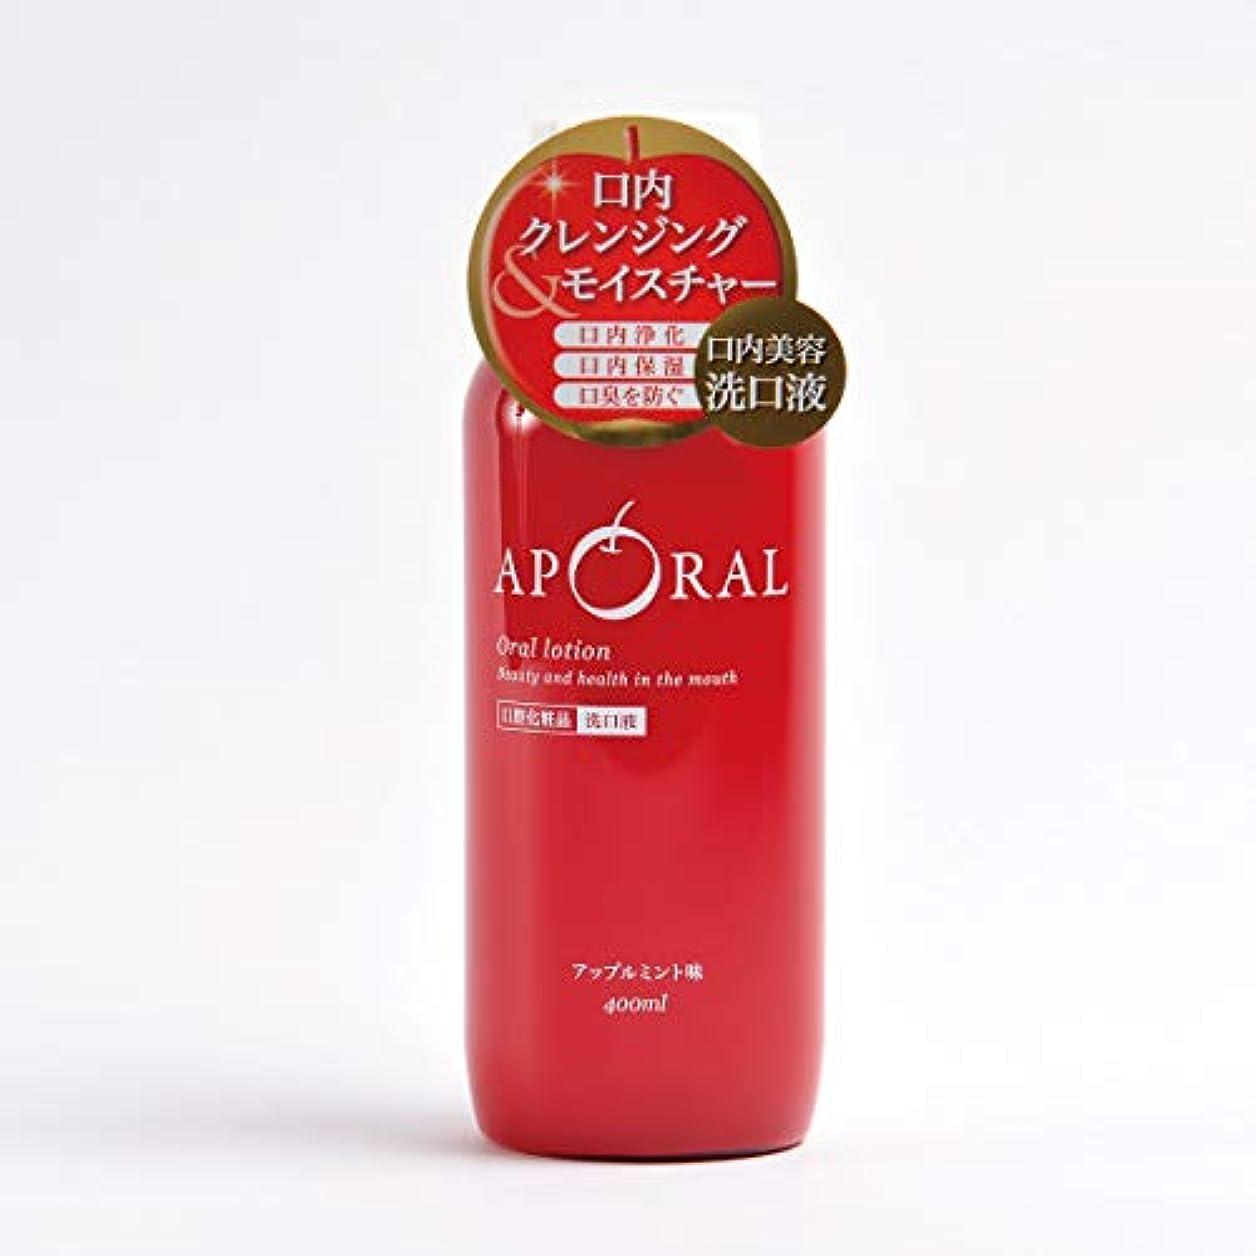 ペチュランスサンドイッチバリケード口内保湿で口臭&歯周病対策APORALオーラルローション(洗口液)